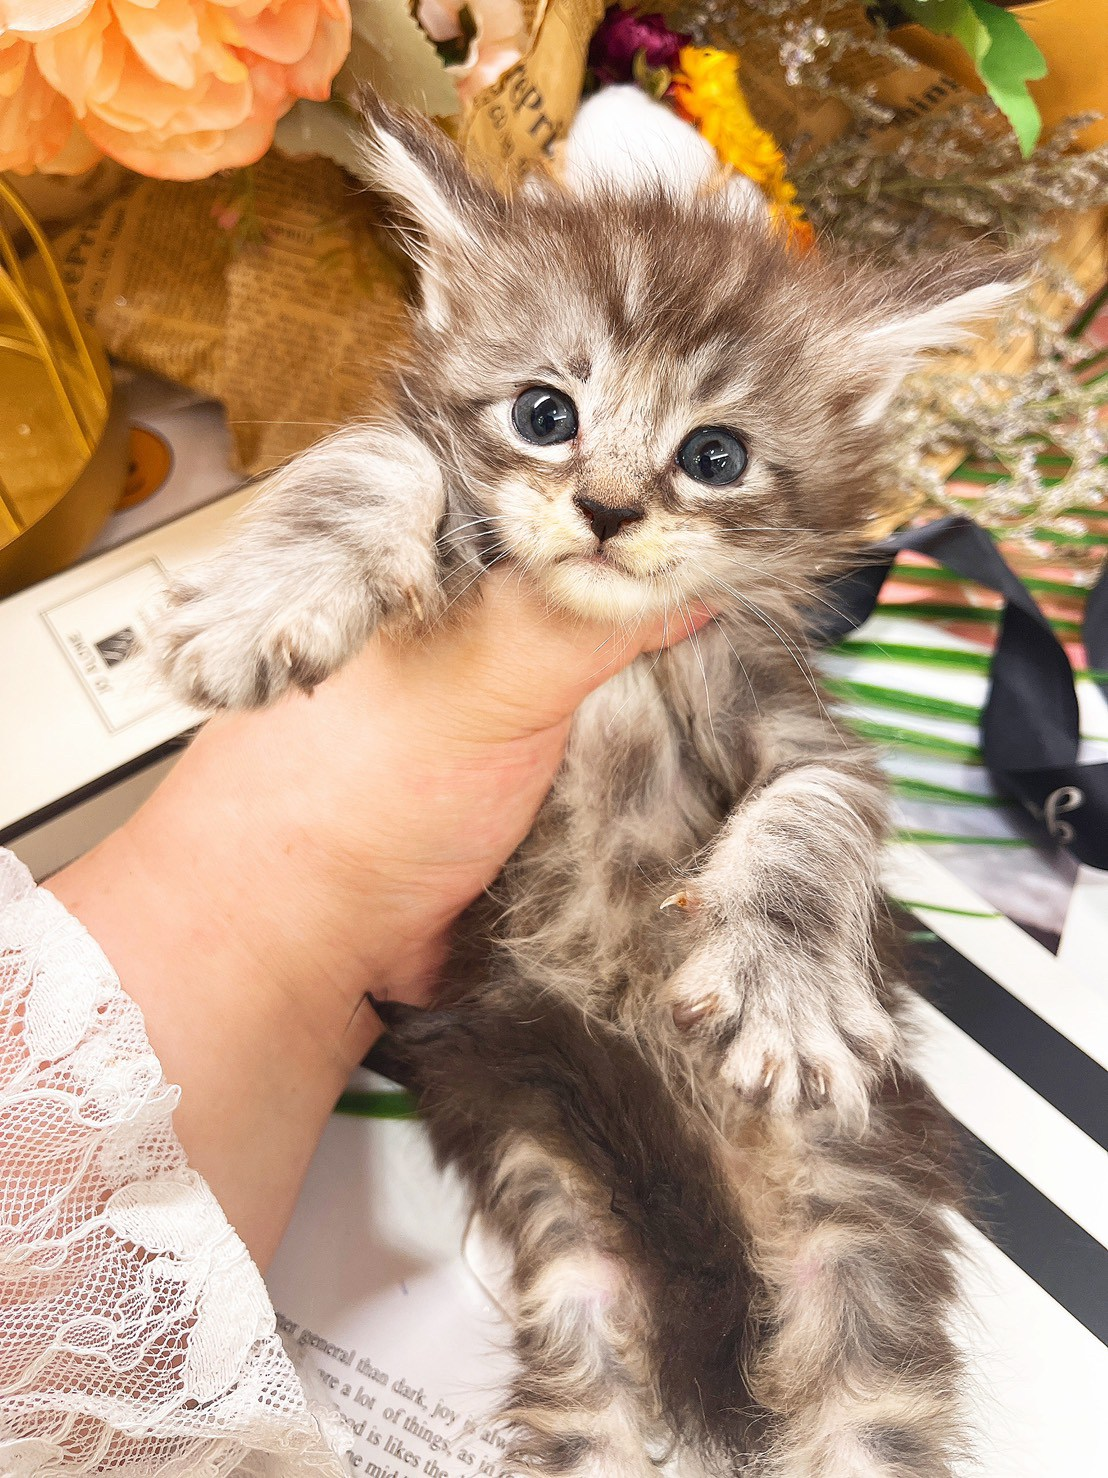 月亮糖糖喵樂園/銀白色緬因貓